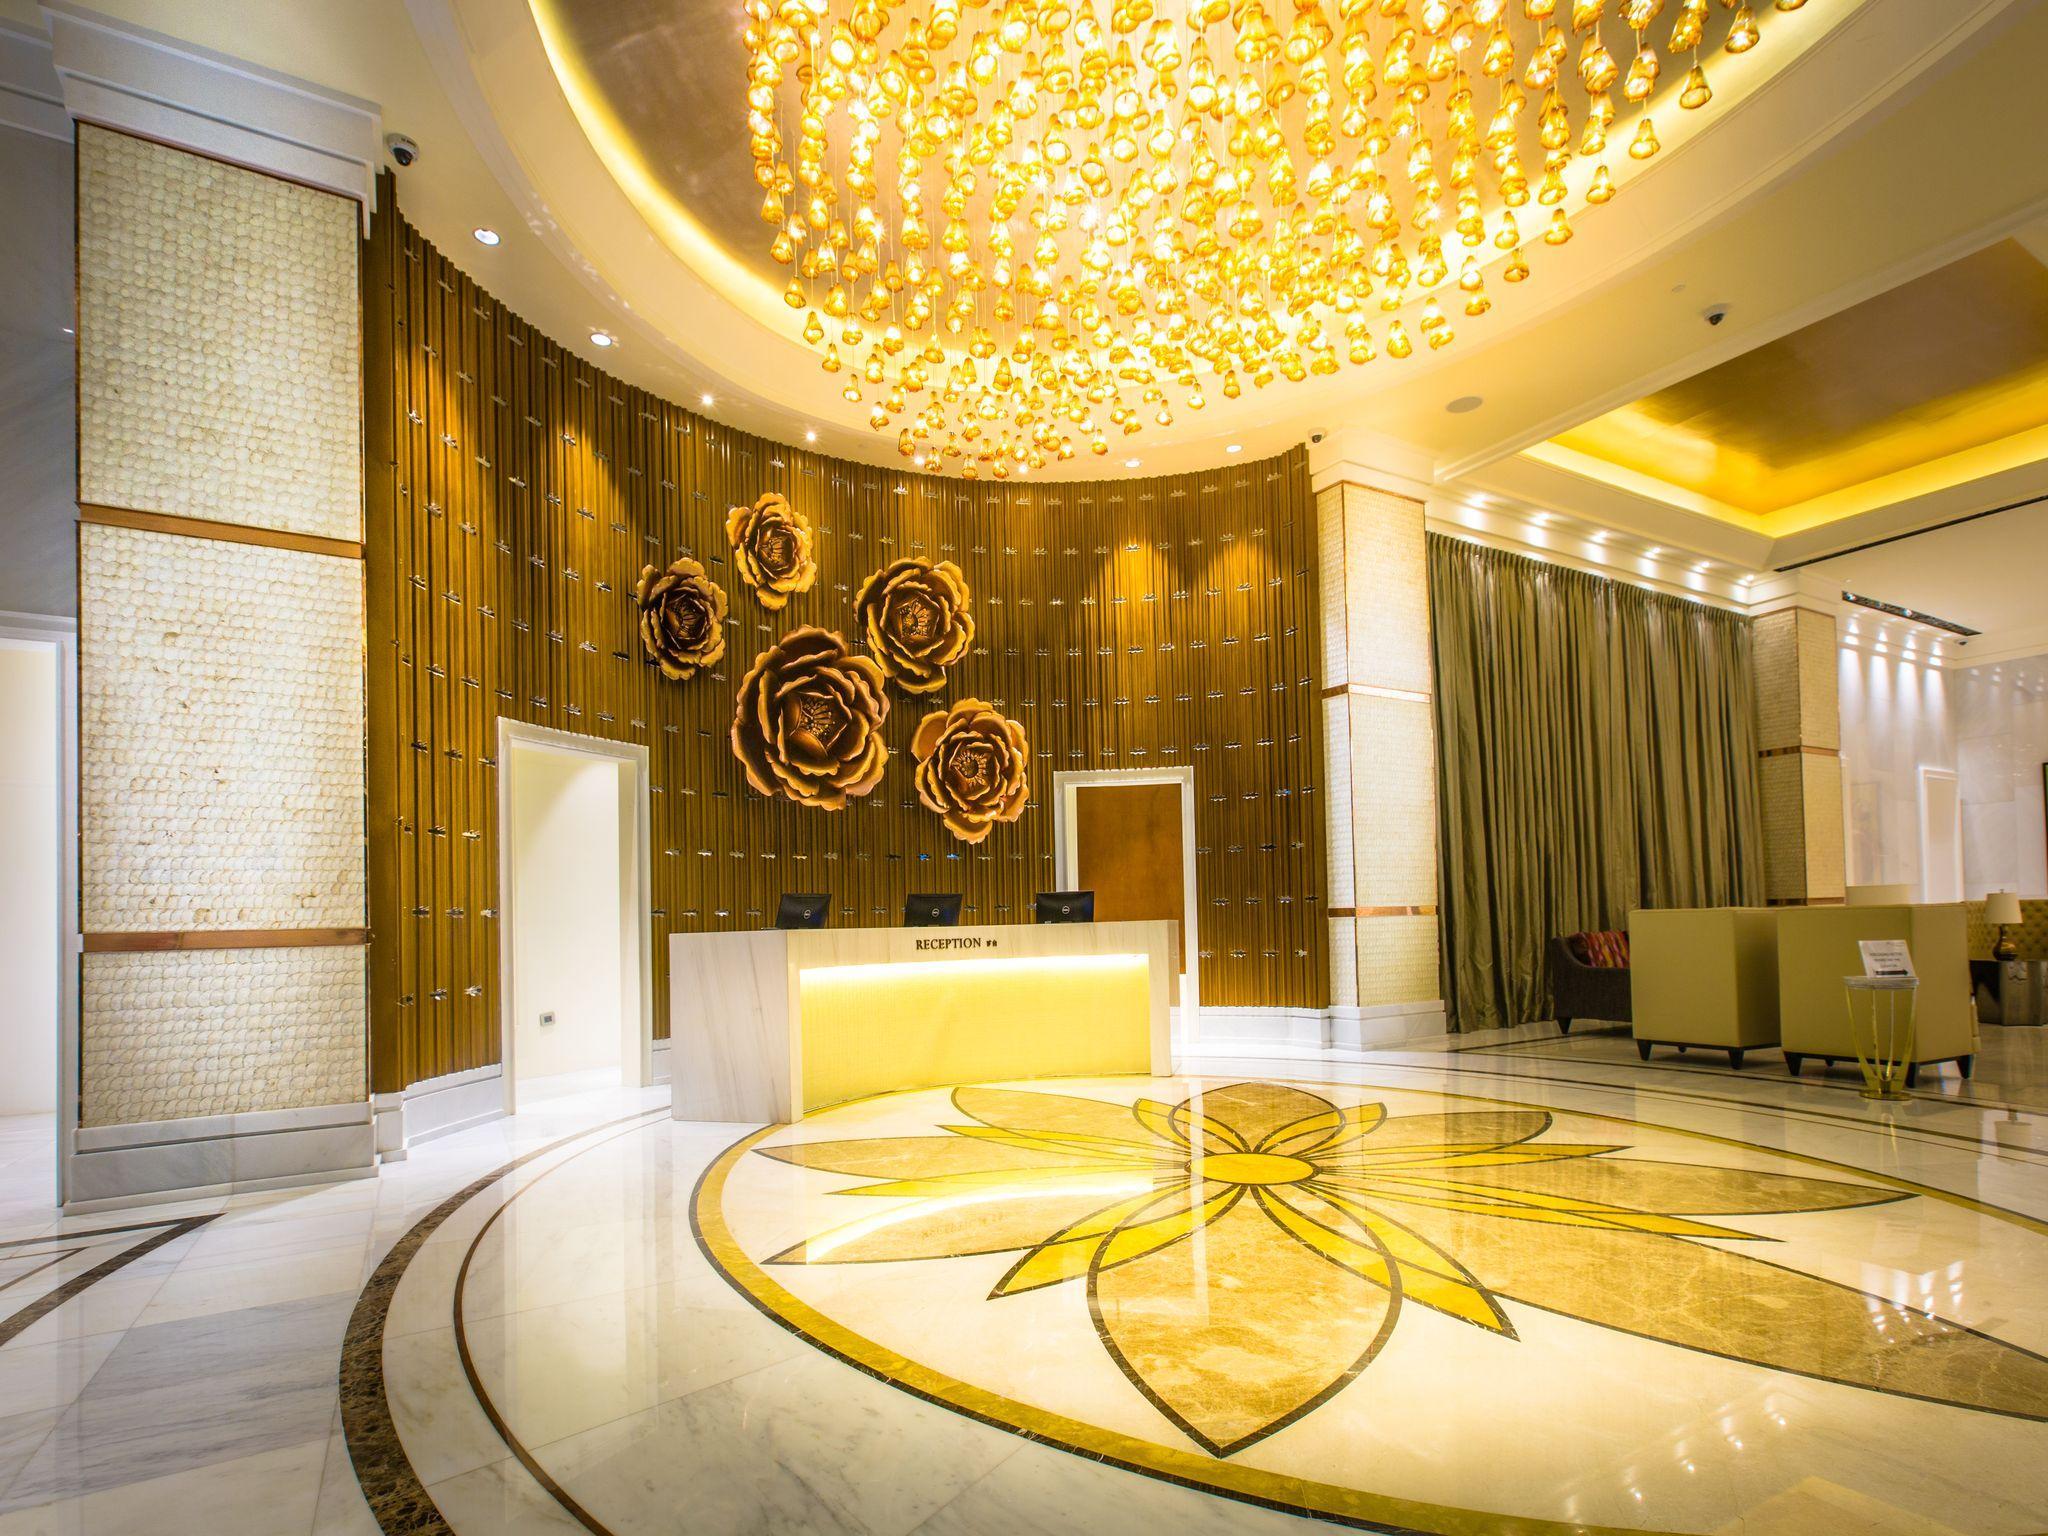 Winford Manila Resort and Casino